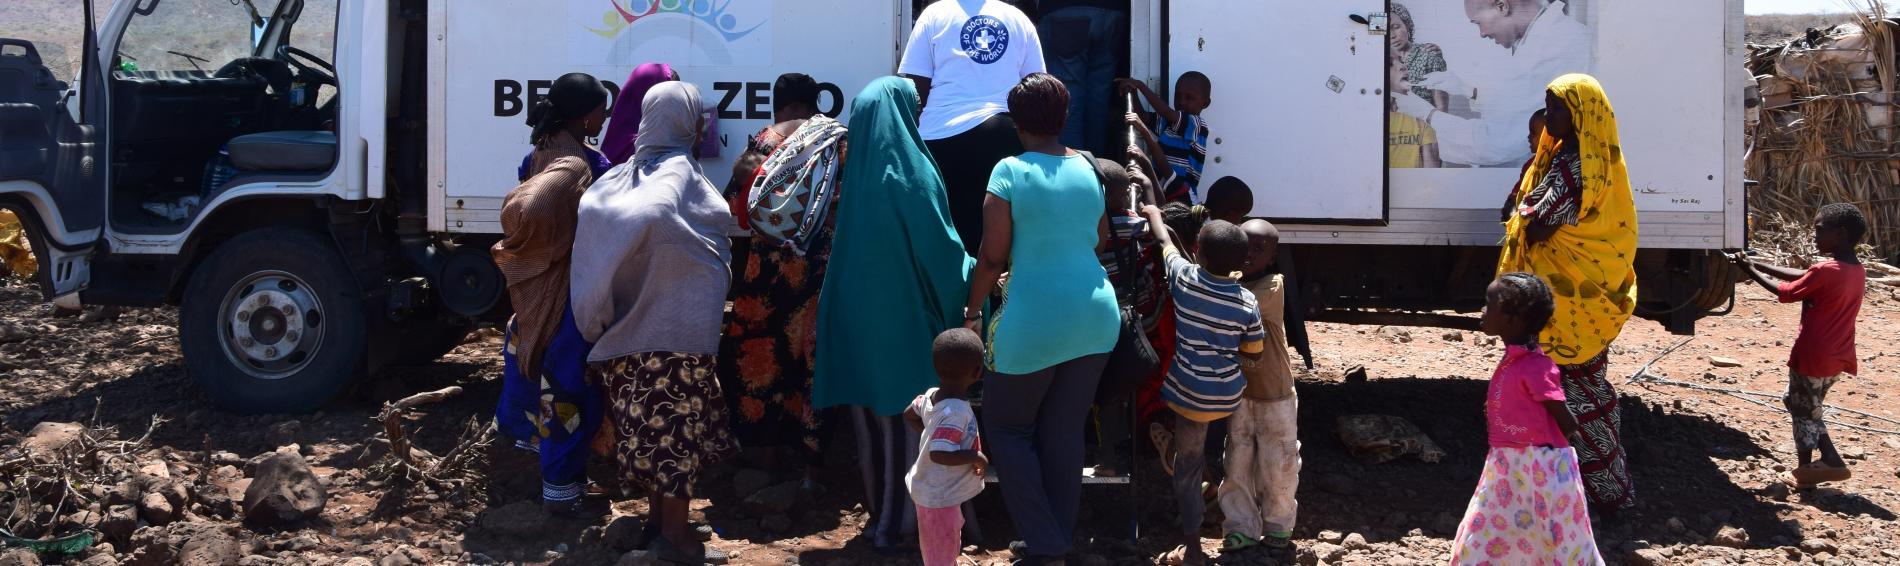 Ärzte der Welt bringt per LKW medzinische Hilfe in abgelegene Regionen  Kenias. Foto: Jelle Boone